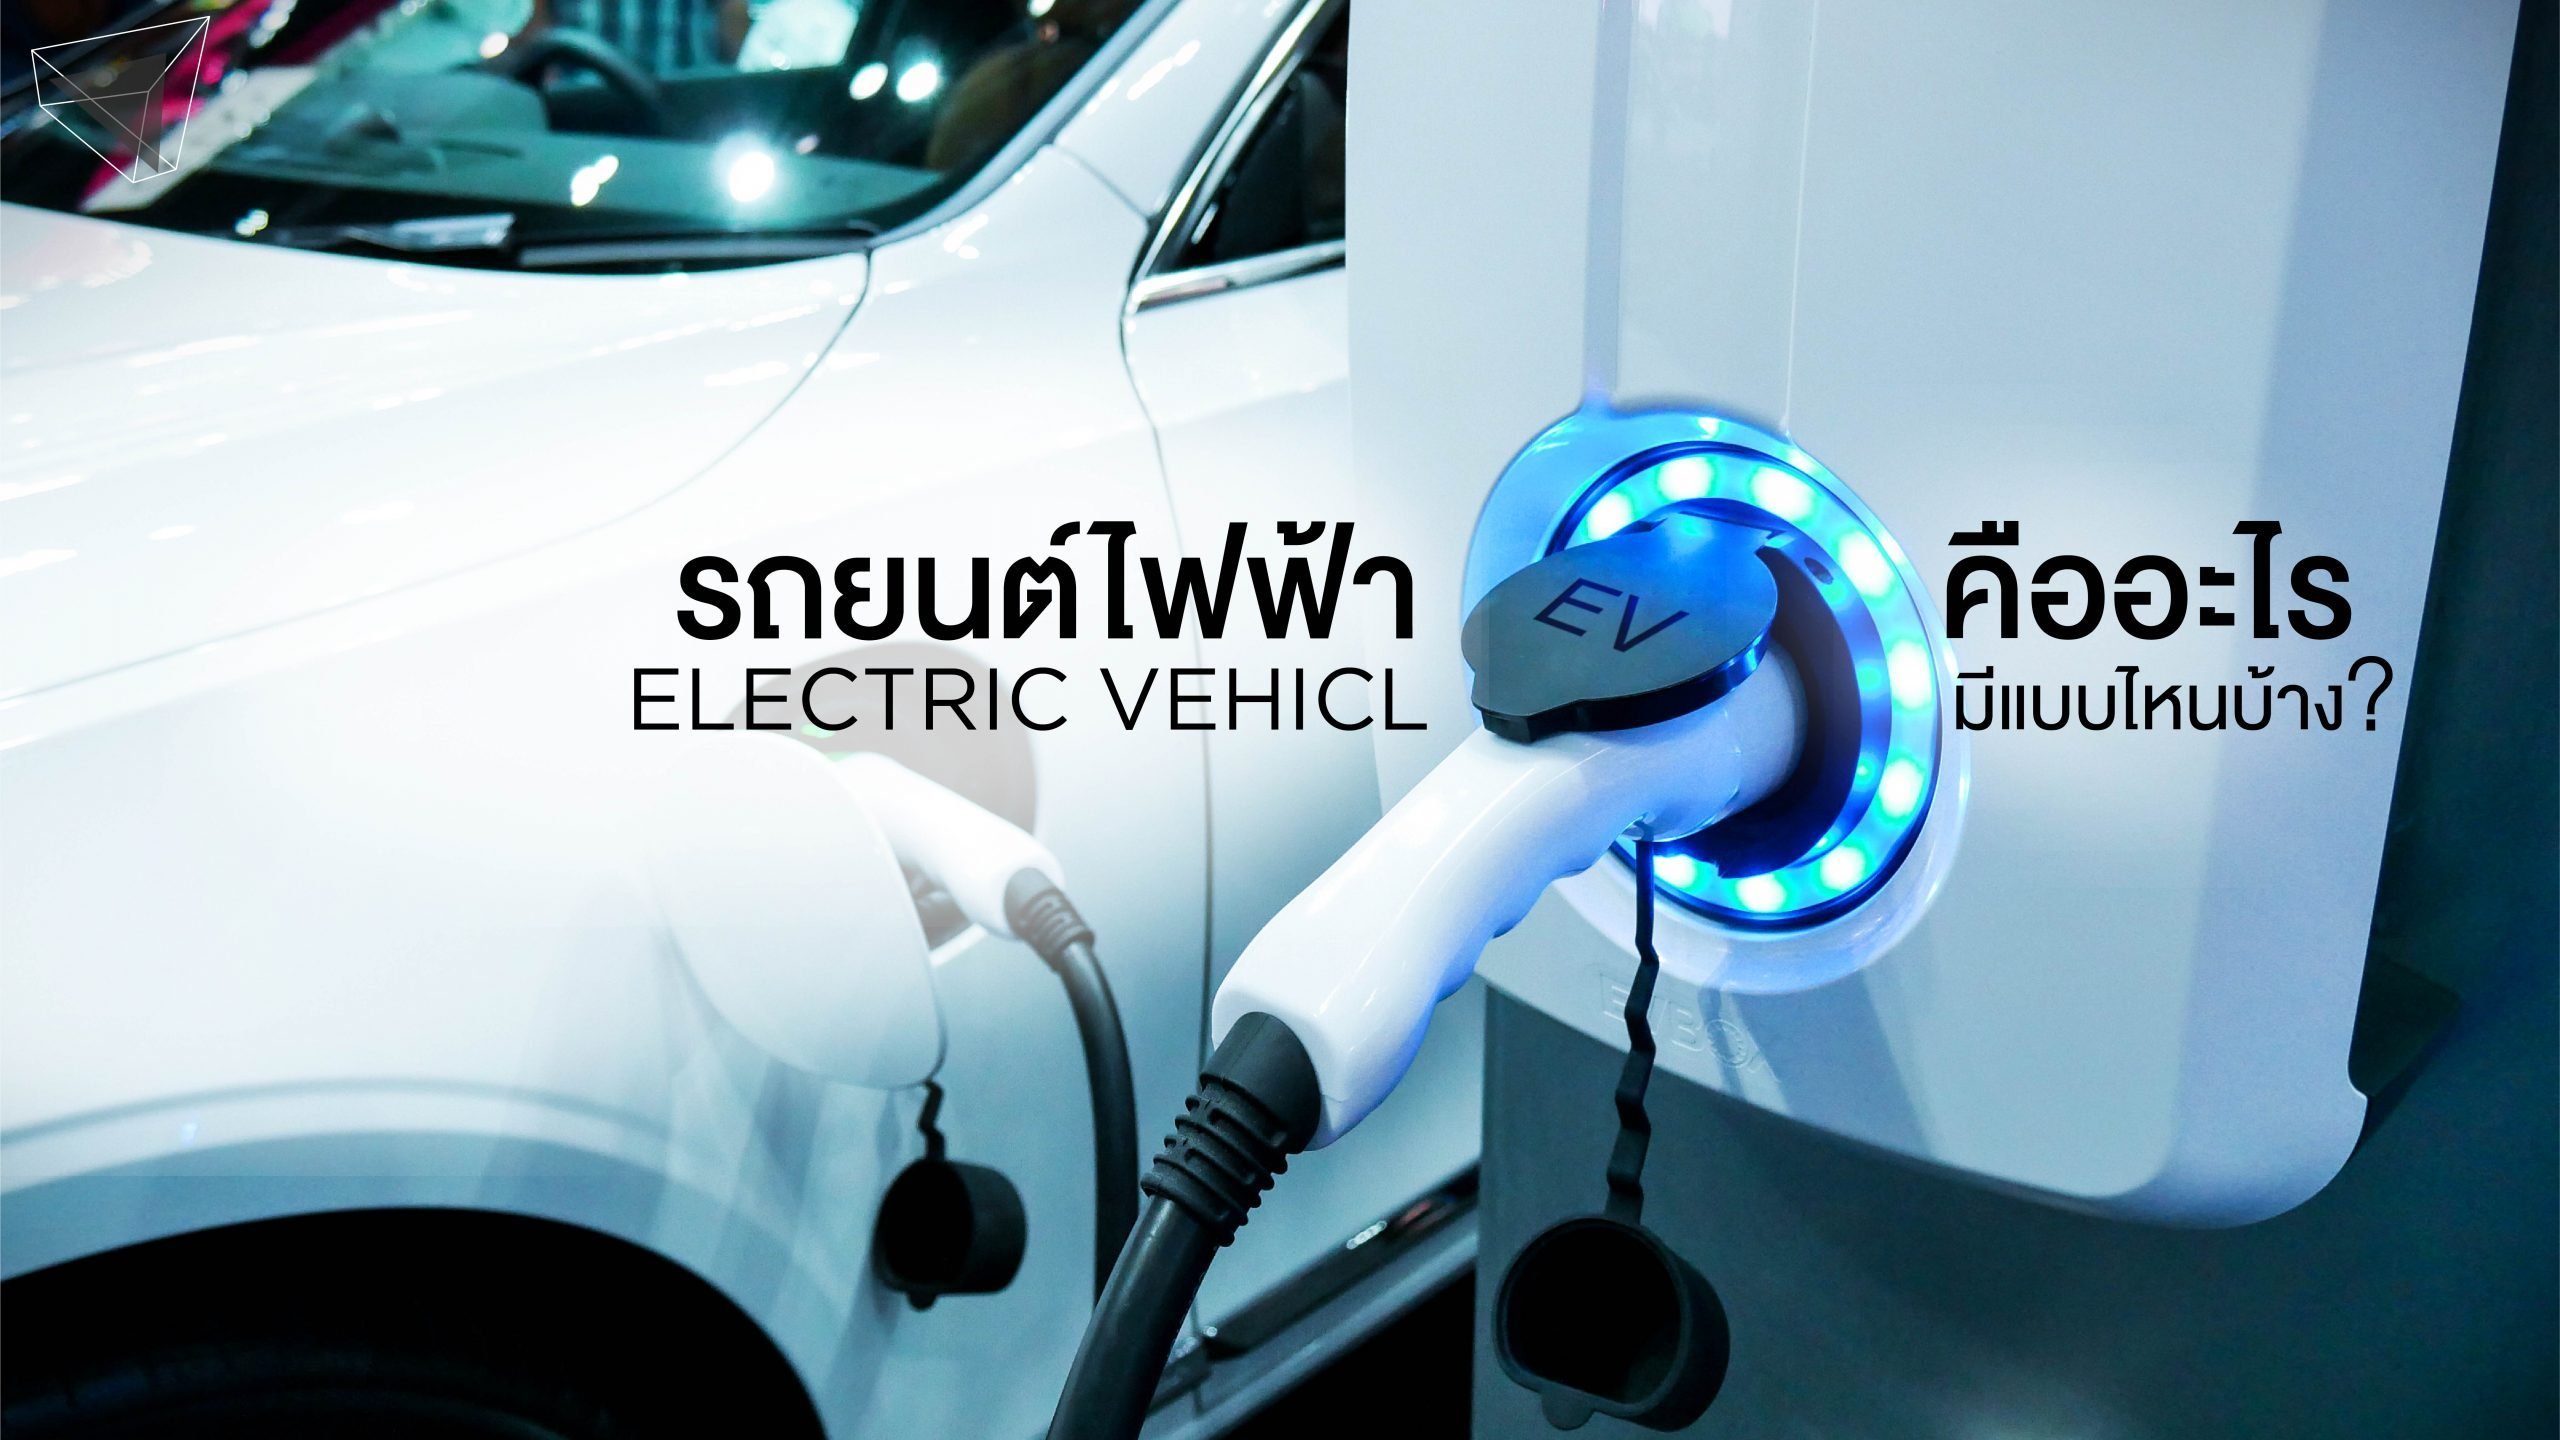 รถยนต์ไฟฟ้า (Electric Vehicle: EV)